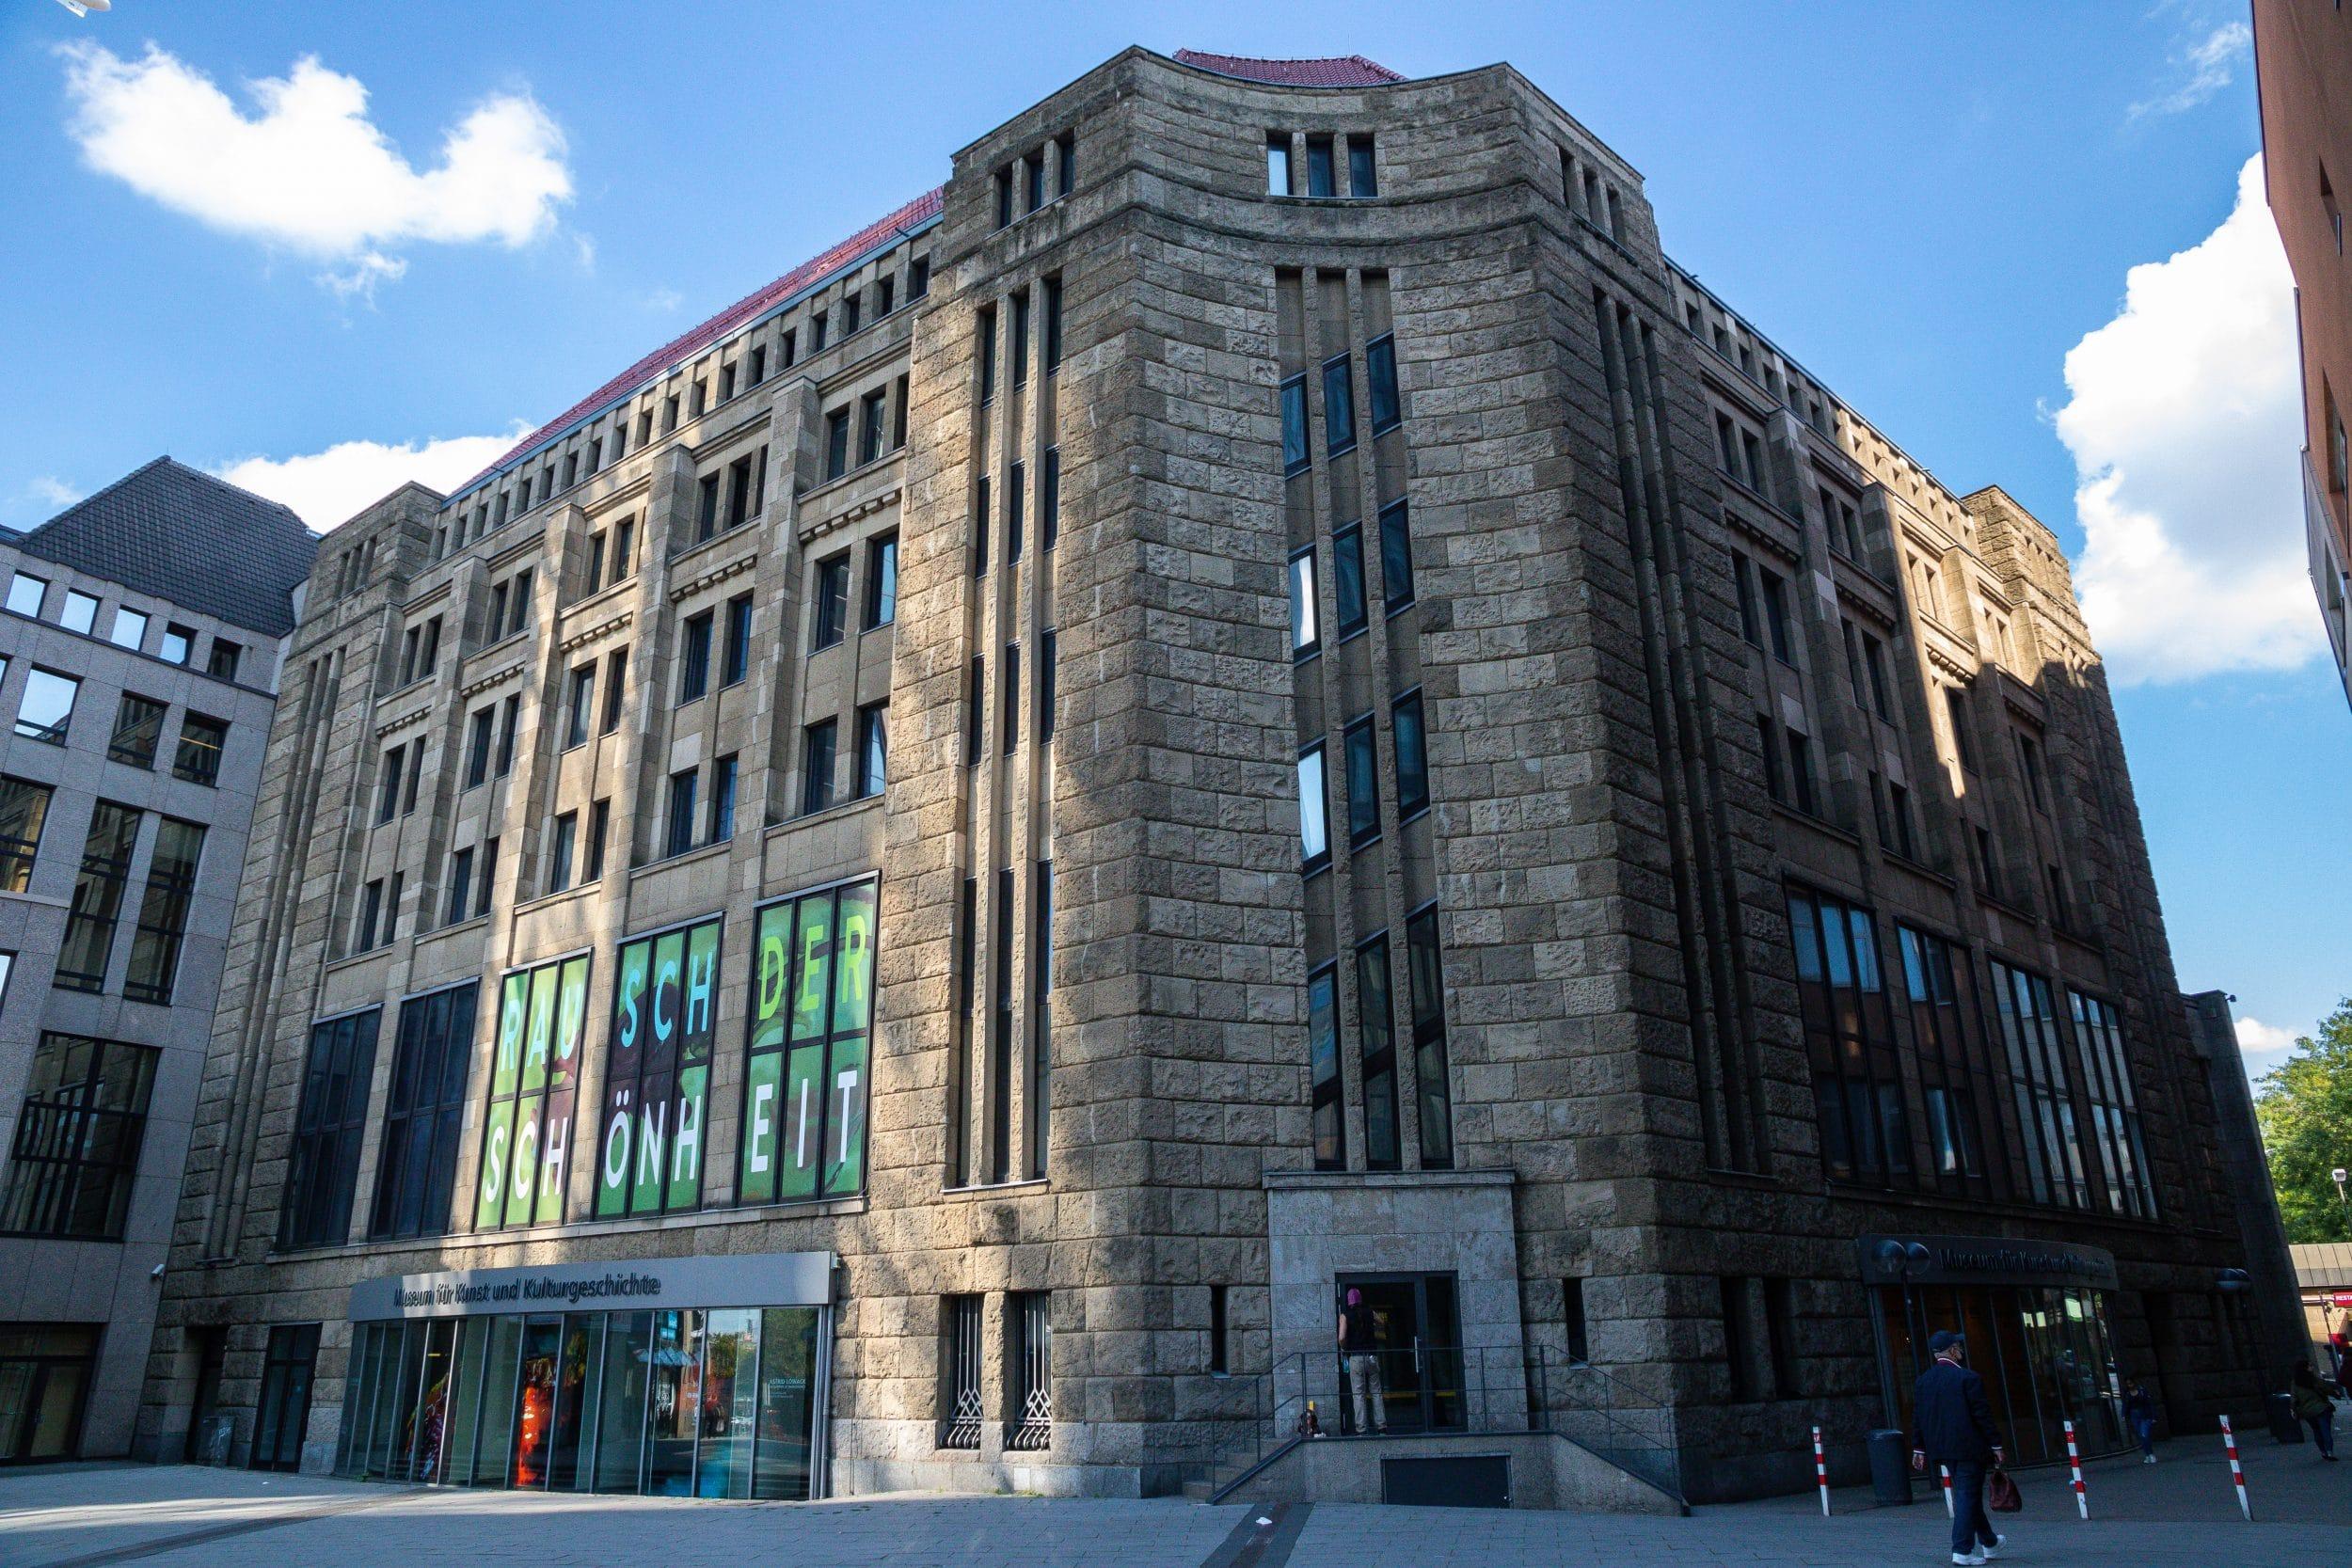 Das Museum für Kunst und Kulturgeschichte (MKK); (Foto: IN-StadtMagazine)